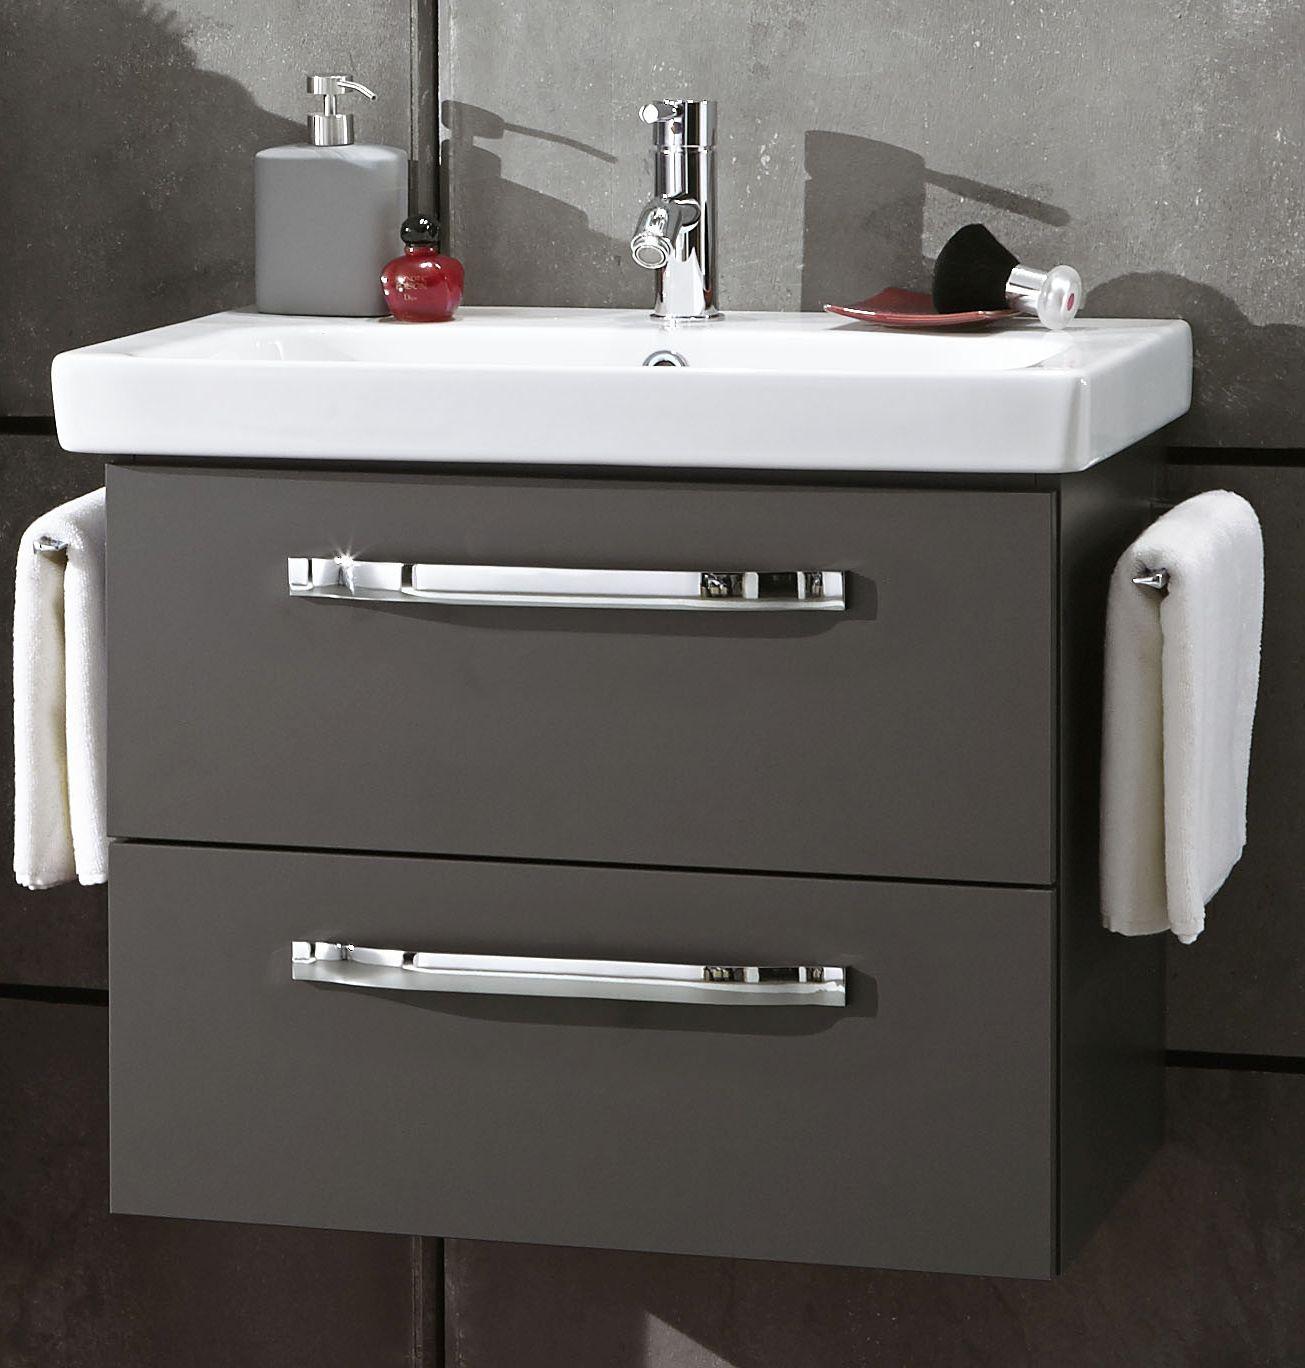 marlin bad 3060 waschtisch mit unterschrank 65 cm breit badm bel 1. Black Bedroom Furniture Sets. Home Design Ideas